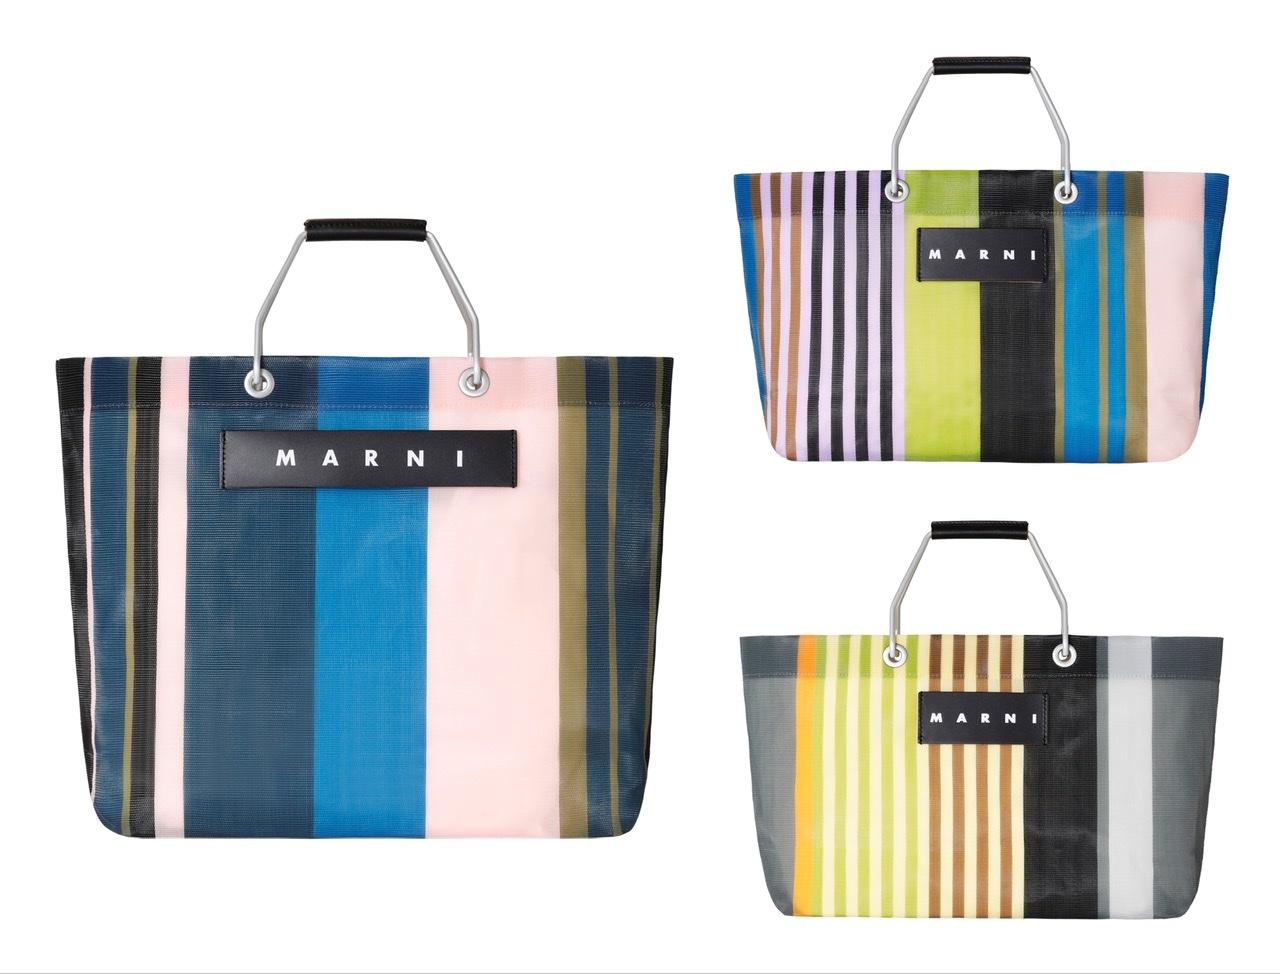 『マルニ』のストライプバッグに新色&ミニサイズ登場! 今年も大ヒット間違いなしです♡_1